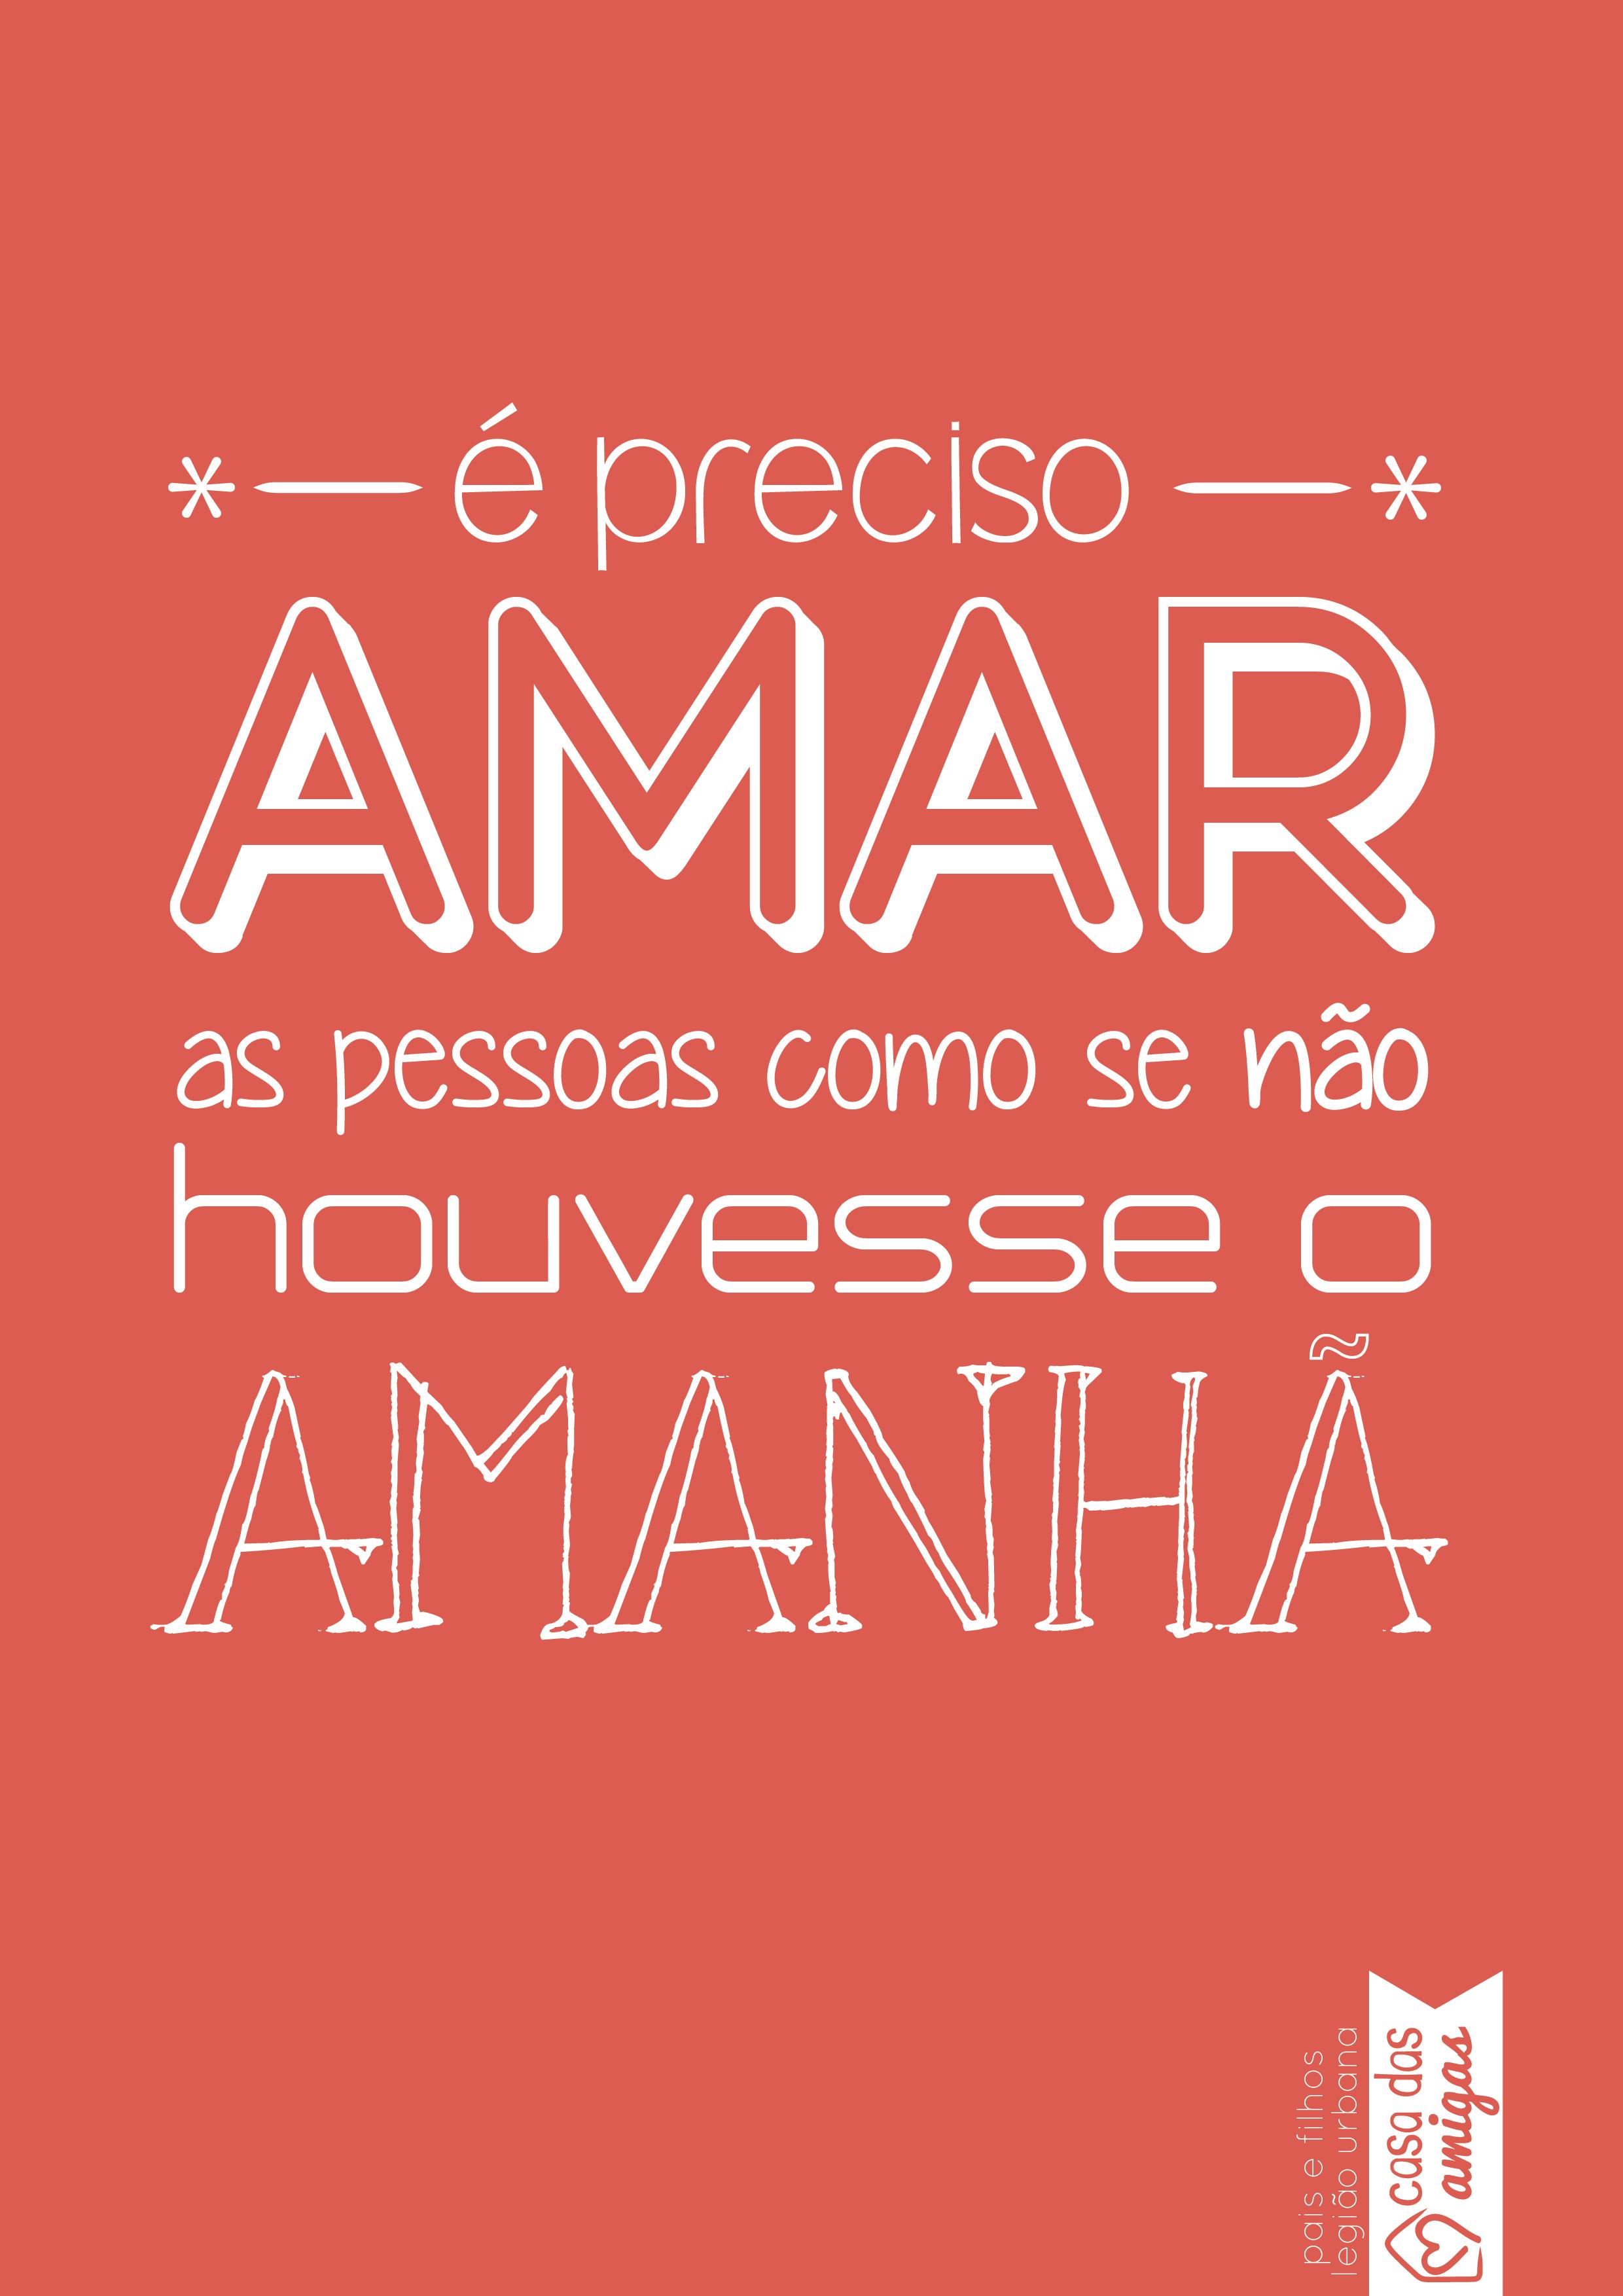 Agosto_Casa_das_Amigas